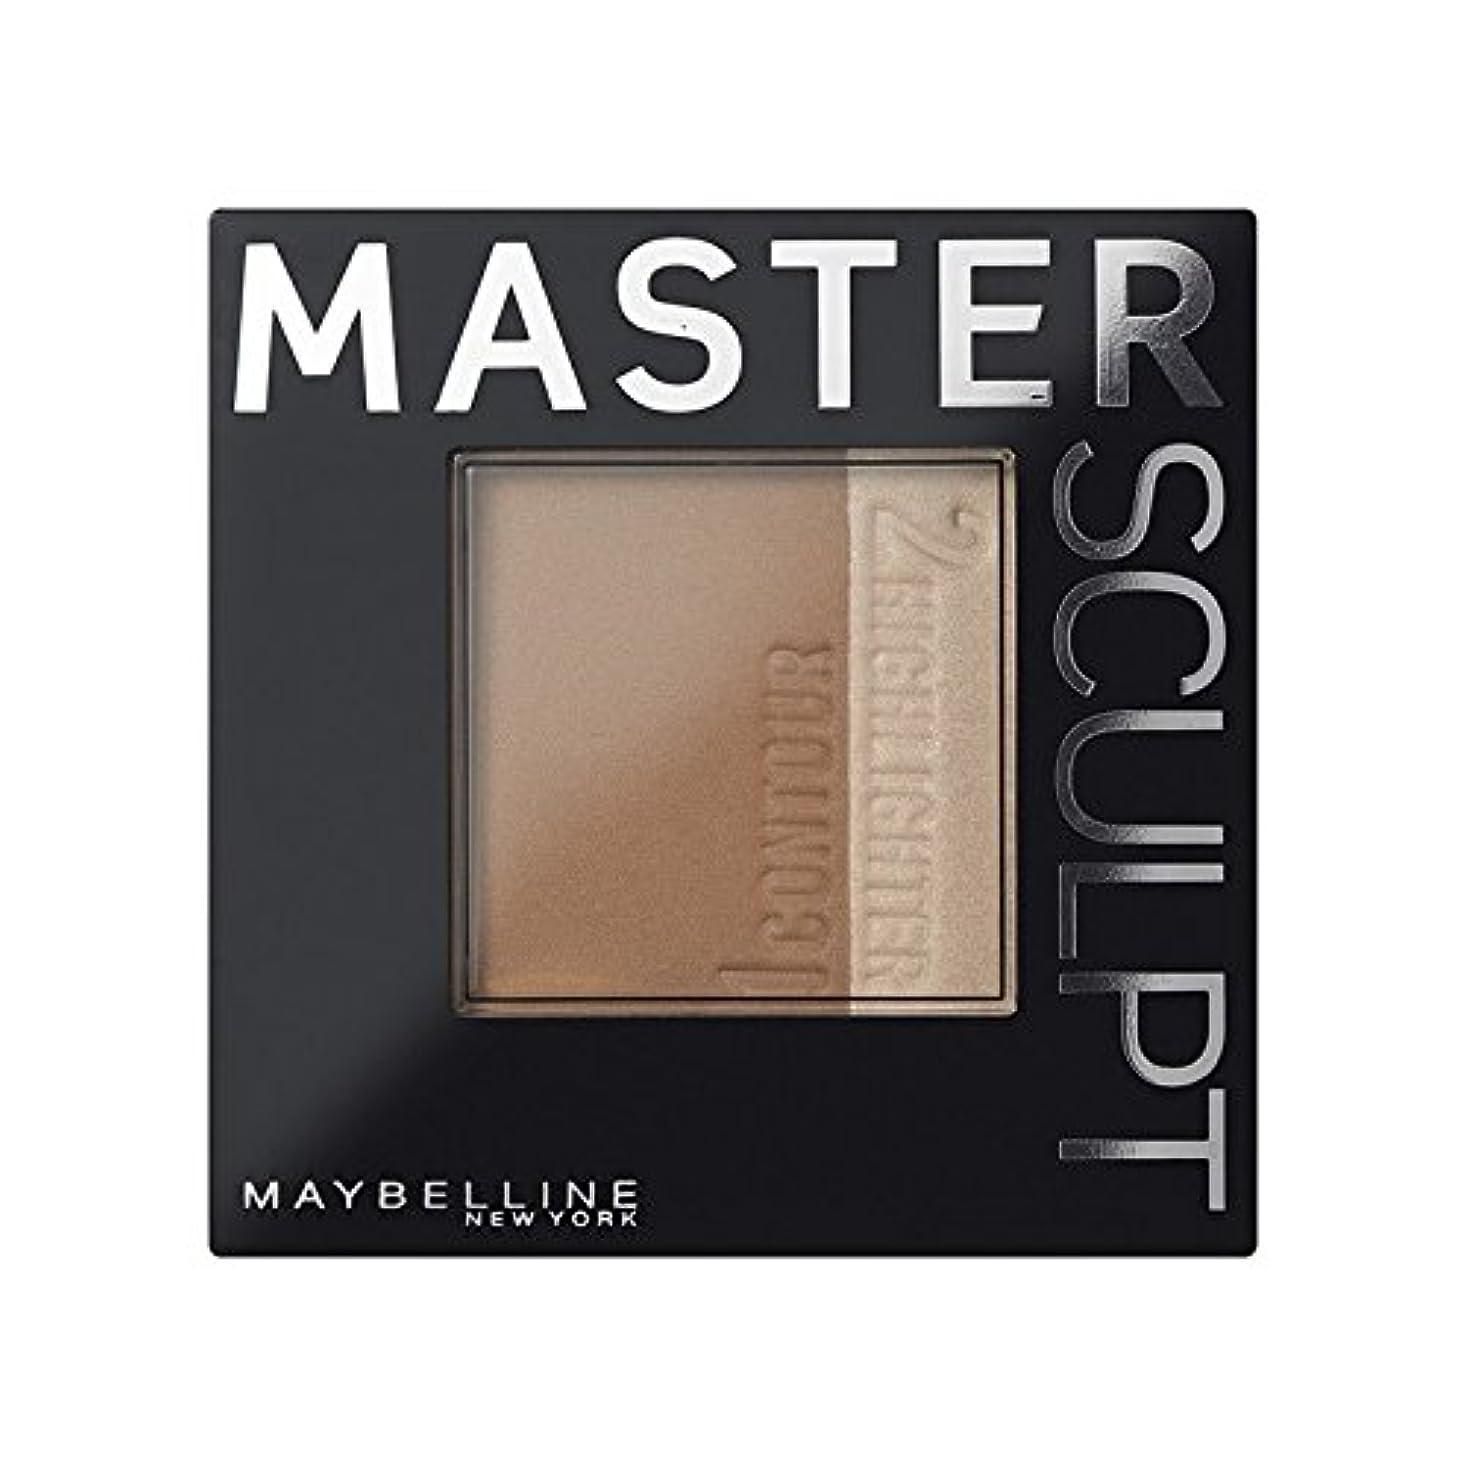 ミュート可動式興味土台01光/ を輪郭メイベリンマスタースカルプト x2 - Maybelline Master Sculpt Contouring Foundation 01 Light/Med (Pack of 2) [並行輸入品]